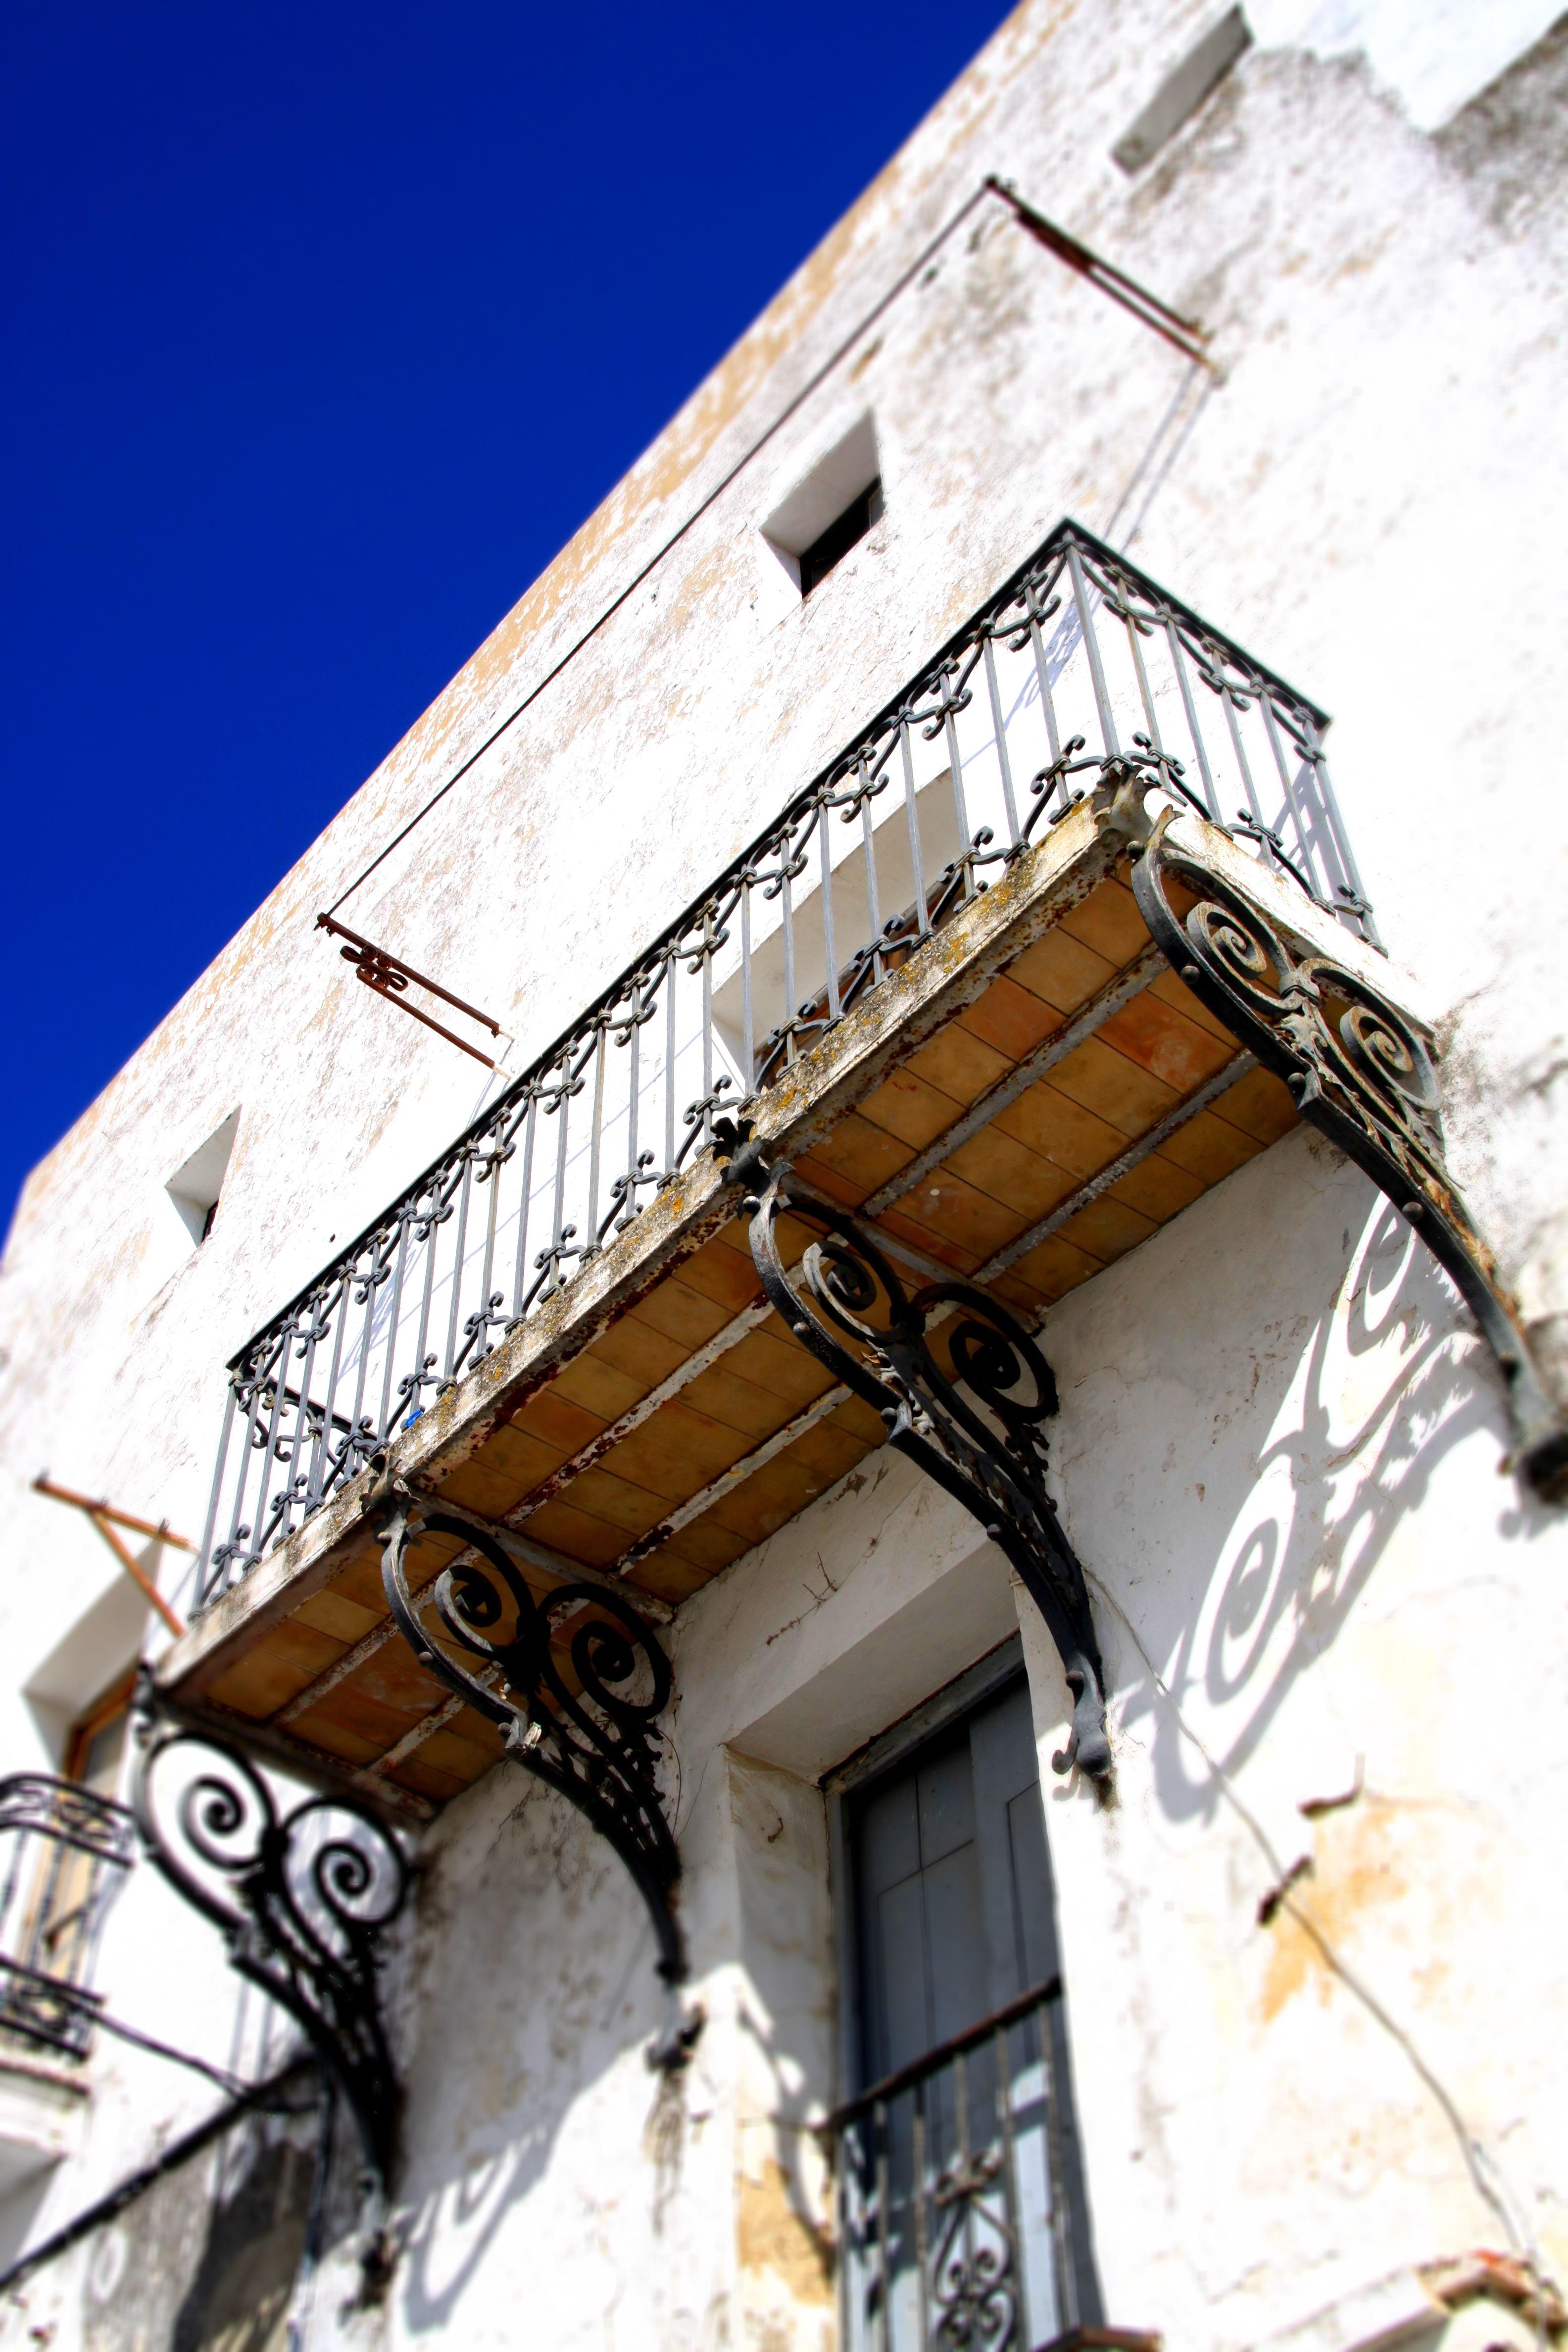 Balcony_ rurul life in Alcalá de los Gazules, Alcornocales, Cadiz Province_andrew_forbes